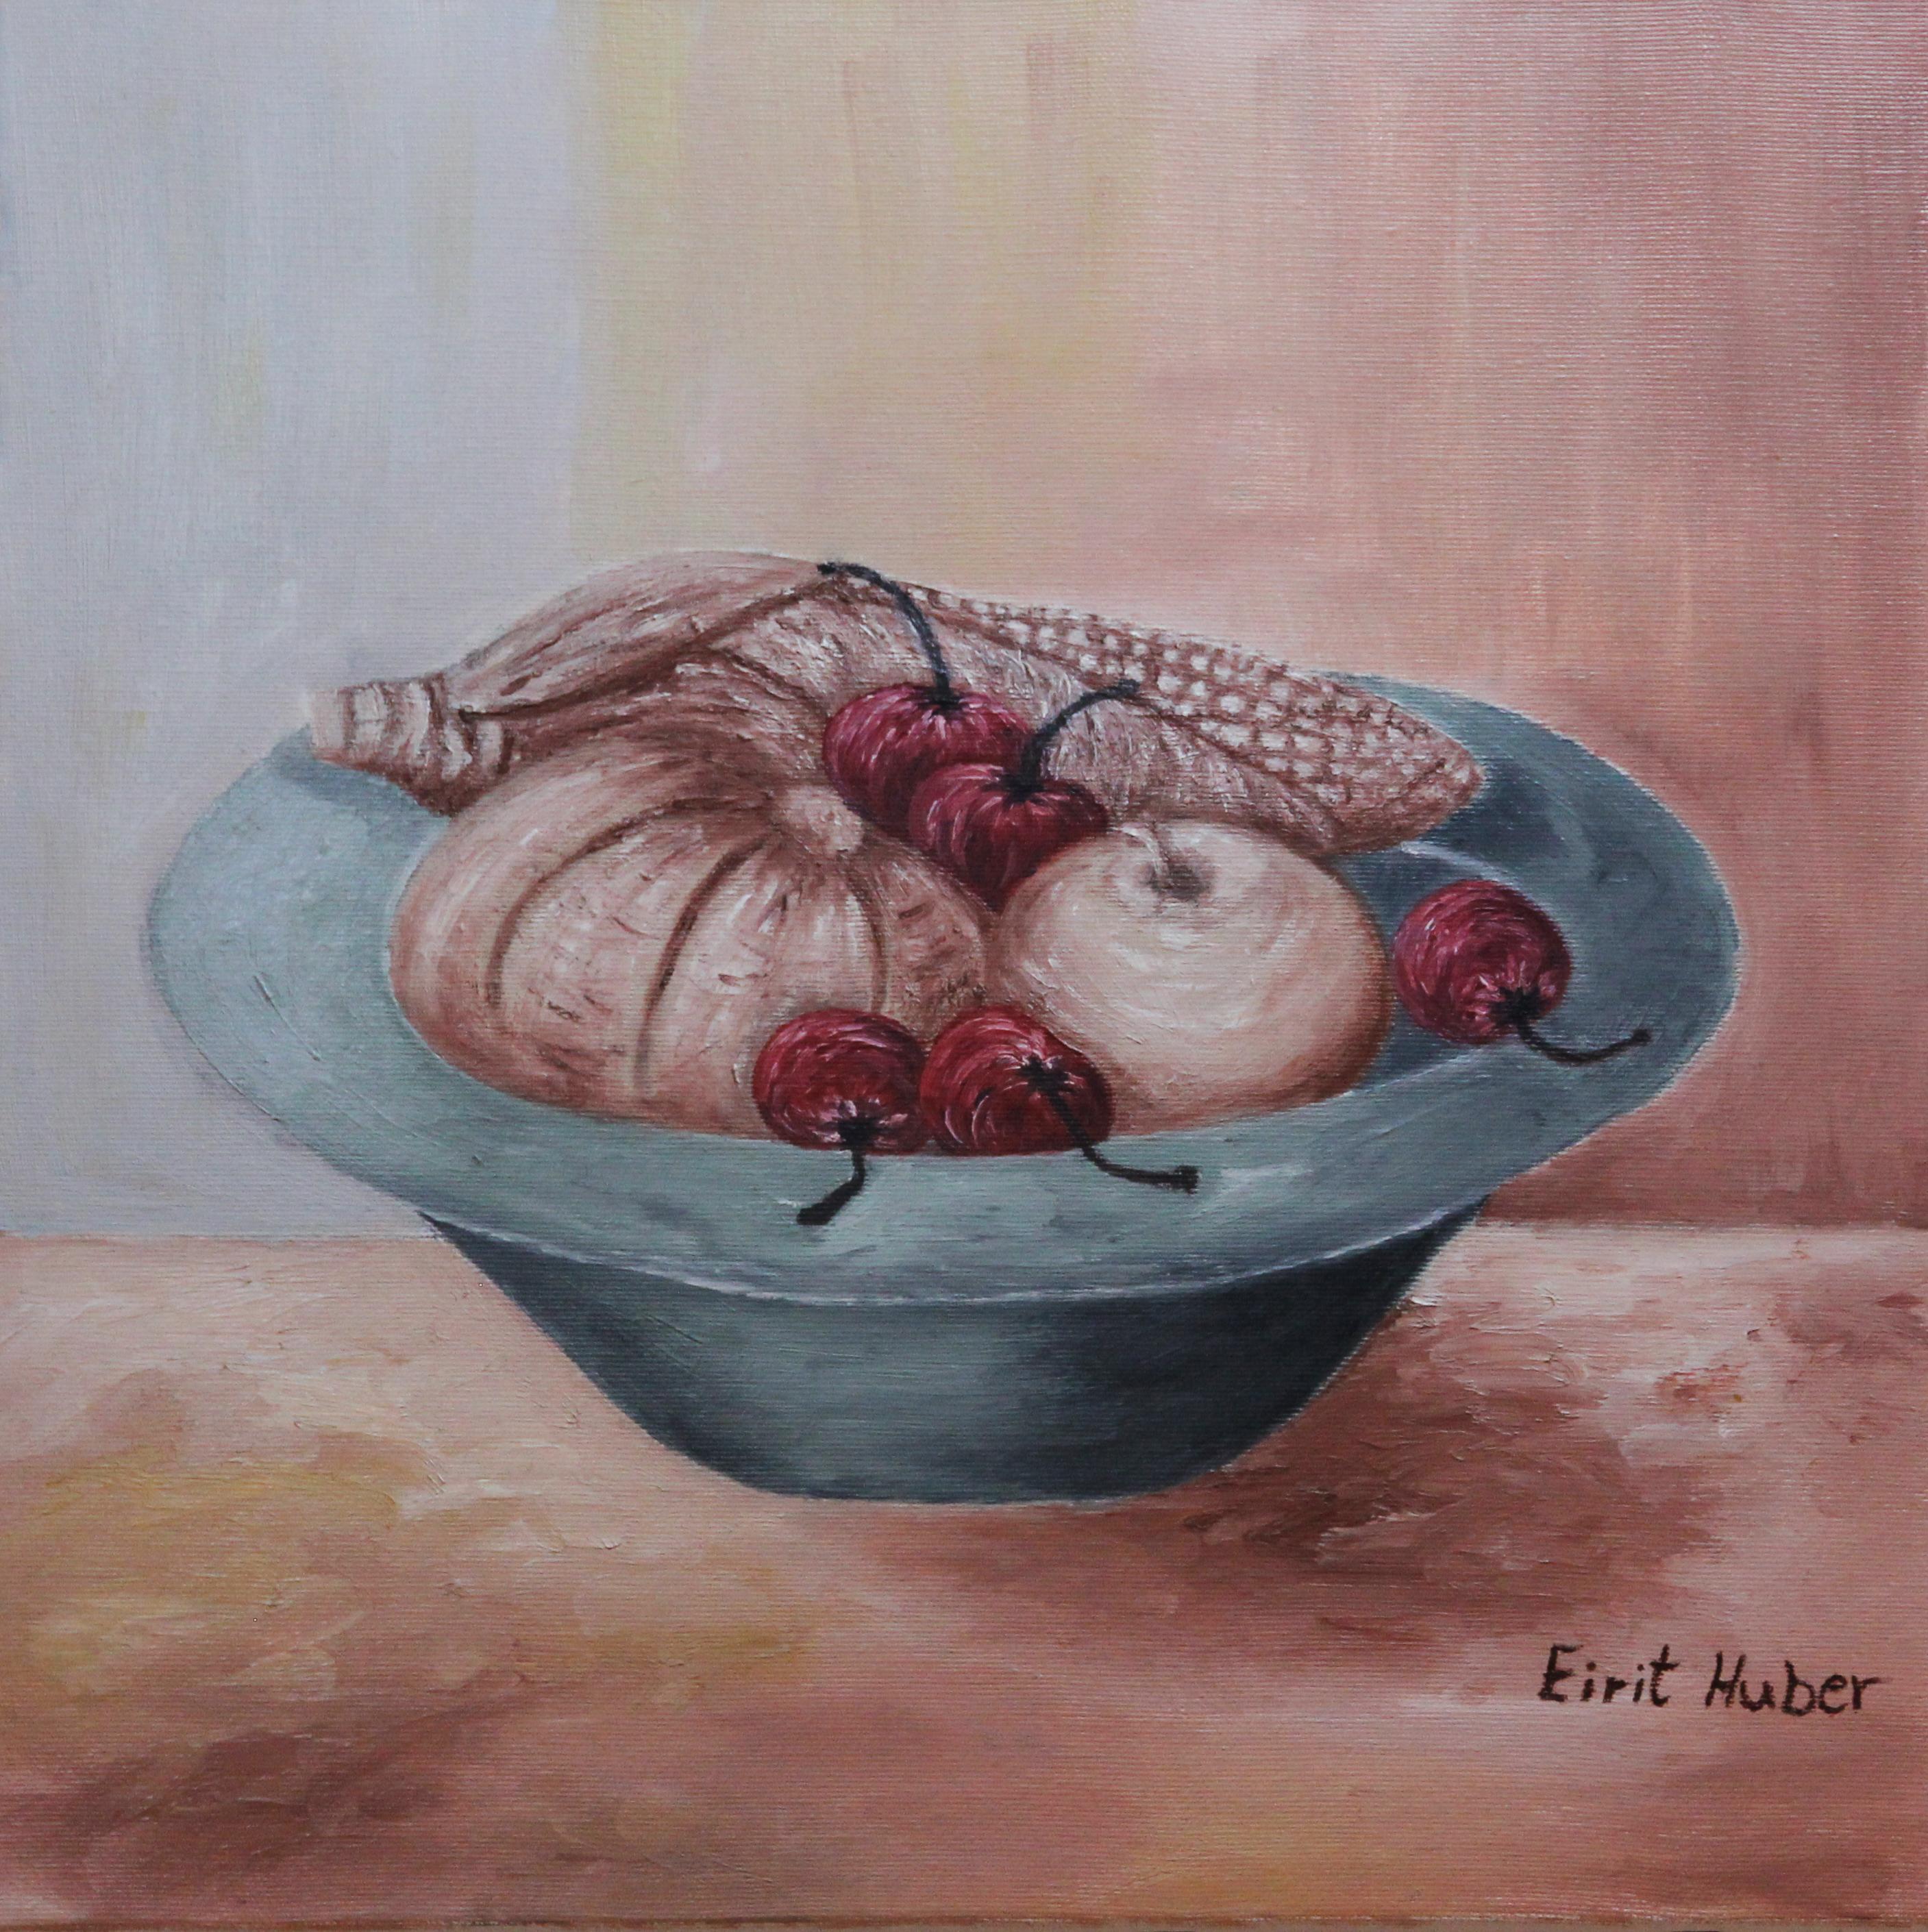 פירות מפוסלים